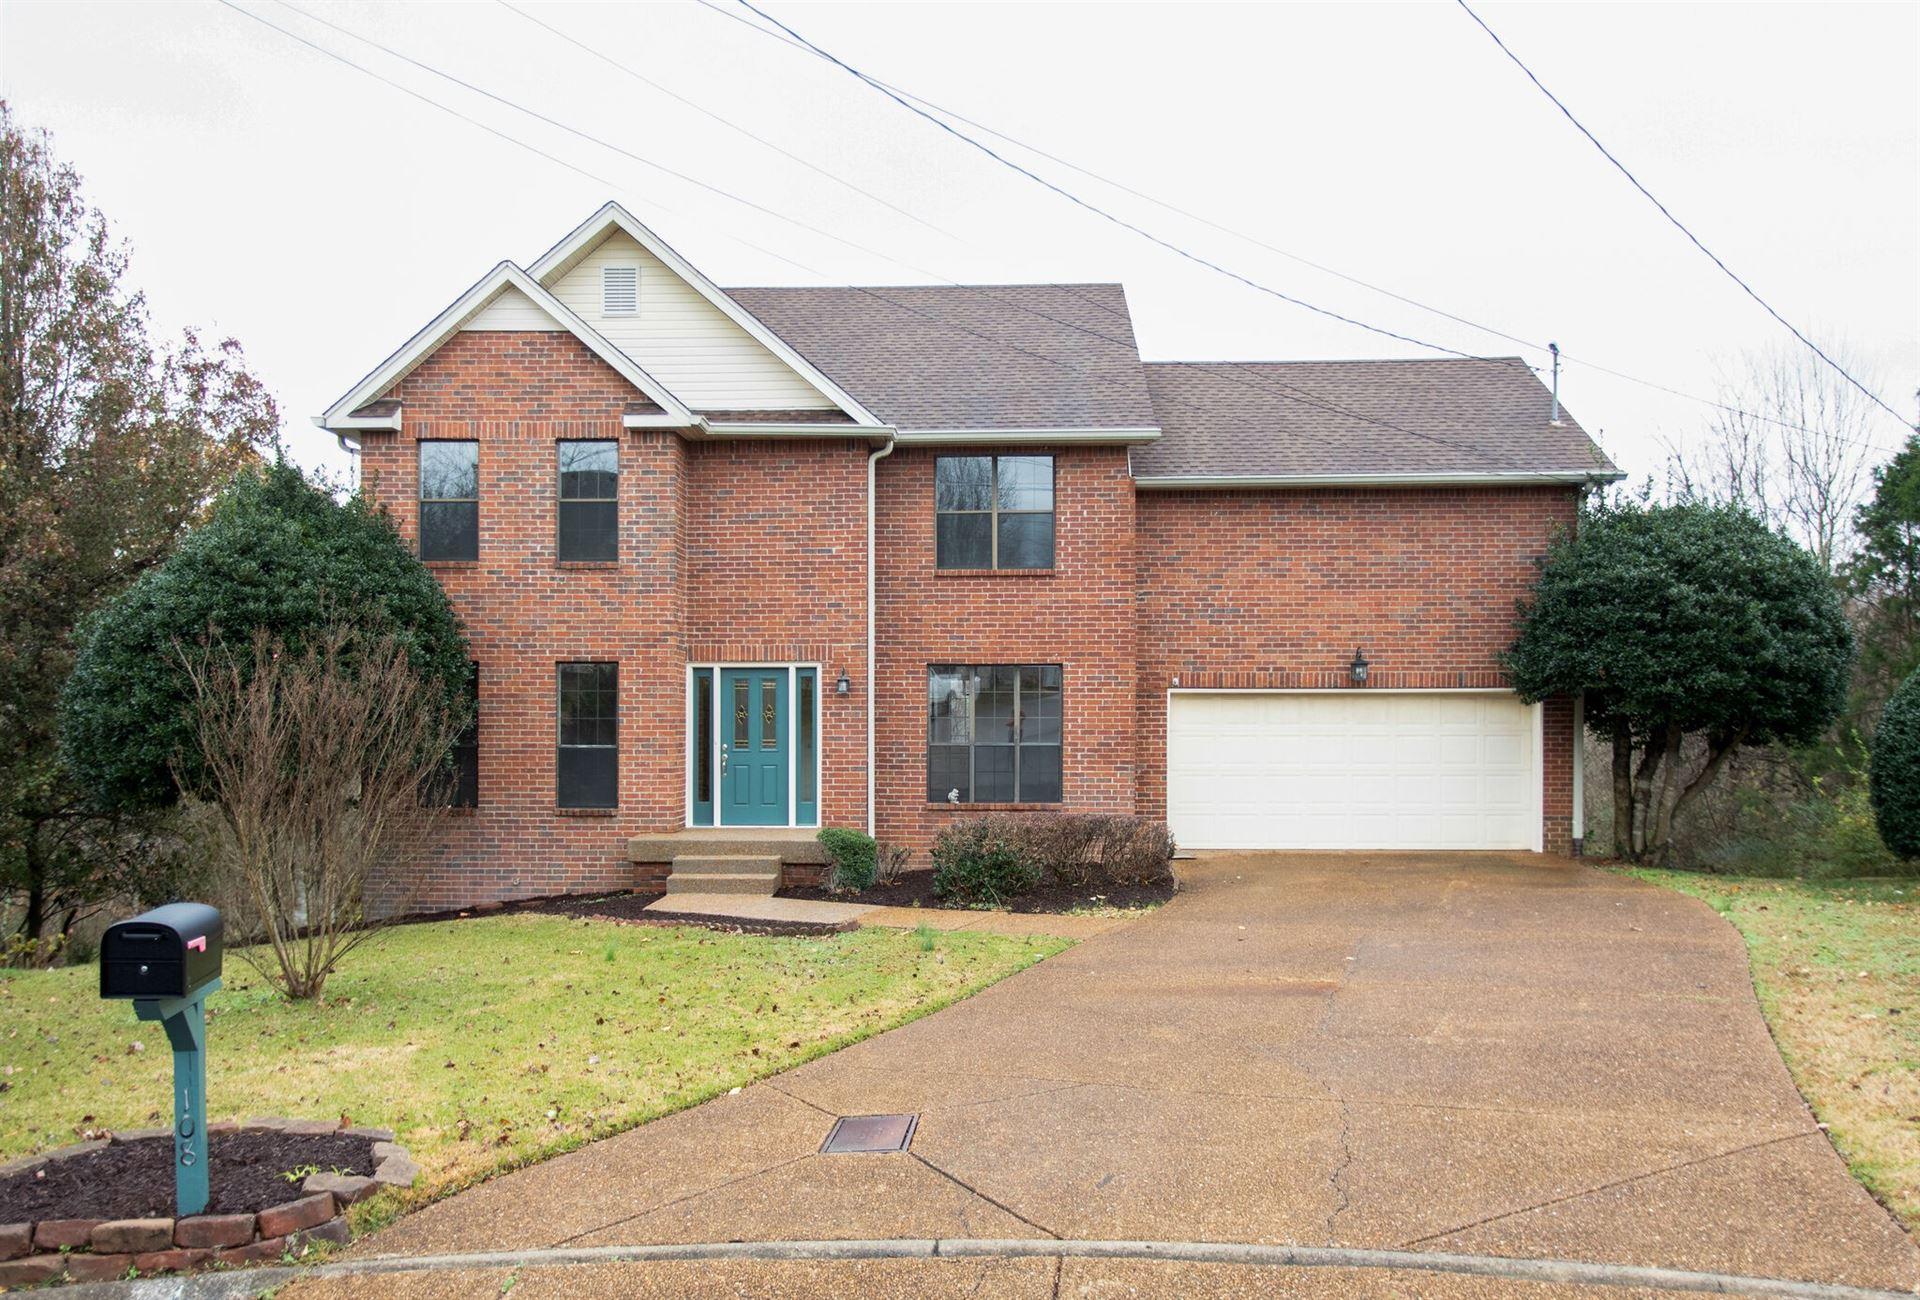 108 Woodfield Ct, Nashville, TN 37211 - MLS#: 2210285